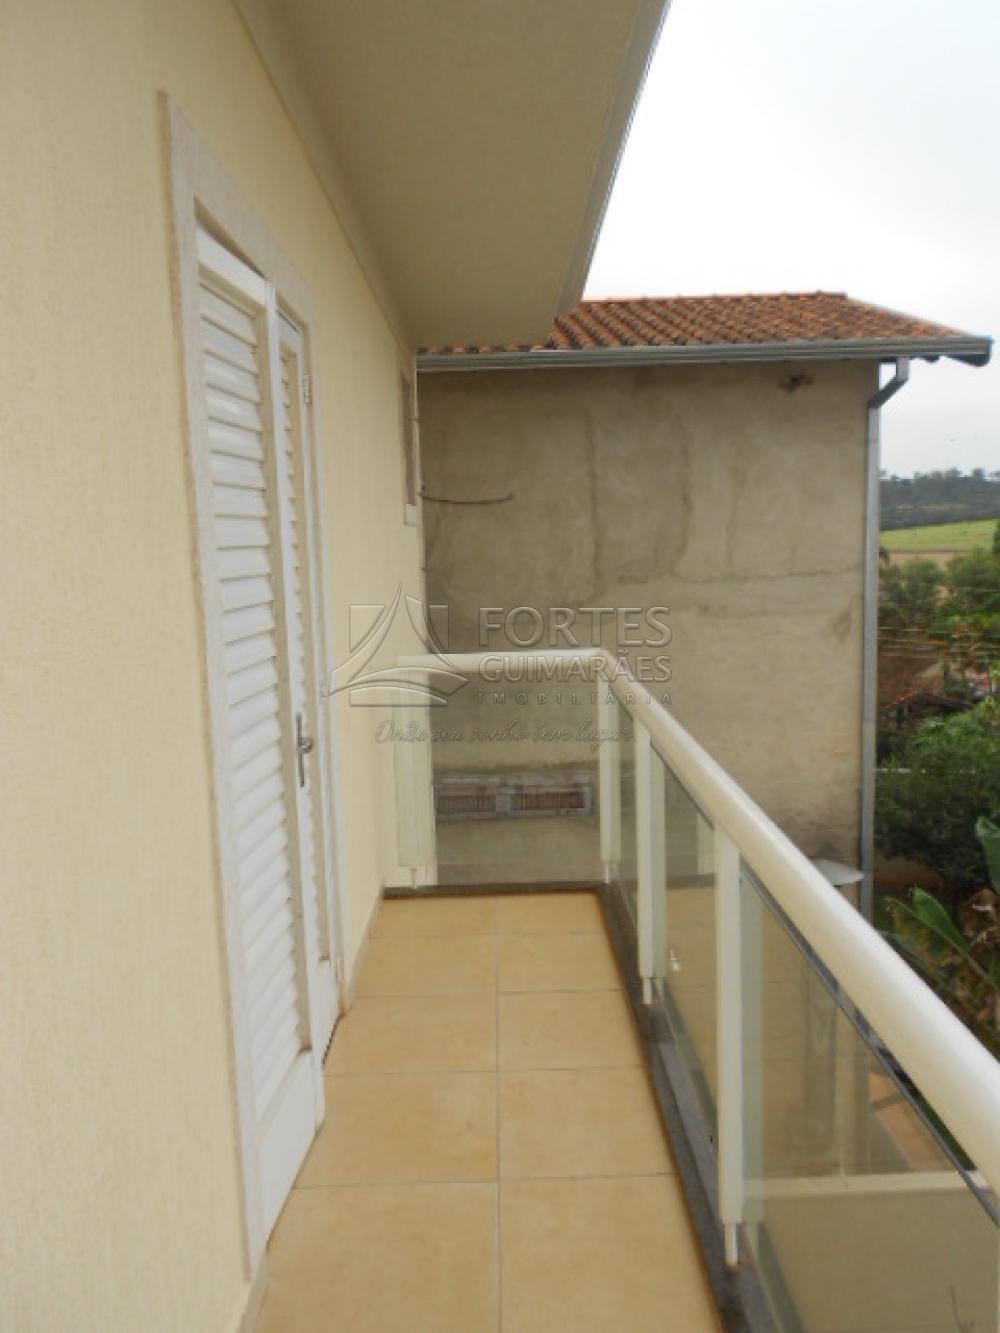 Alugar Casas / Padrão em Ribeirão Preto apenas R$ 3.500,00 - Foto 54